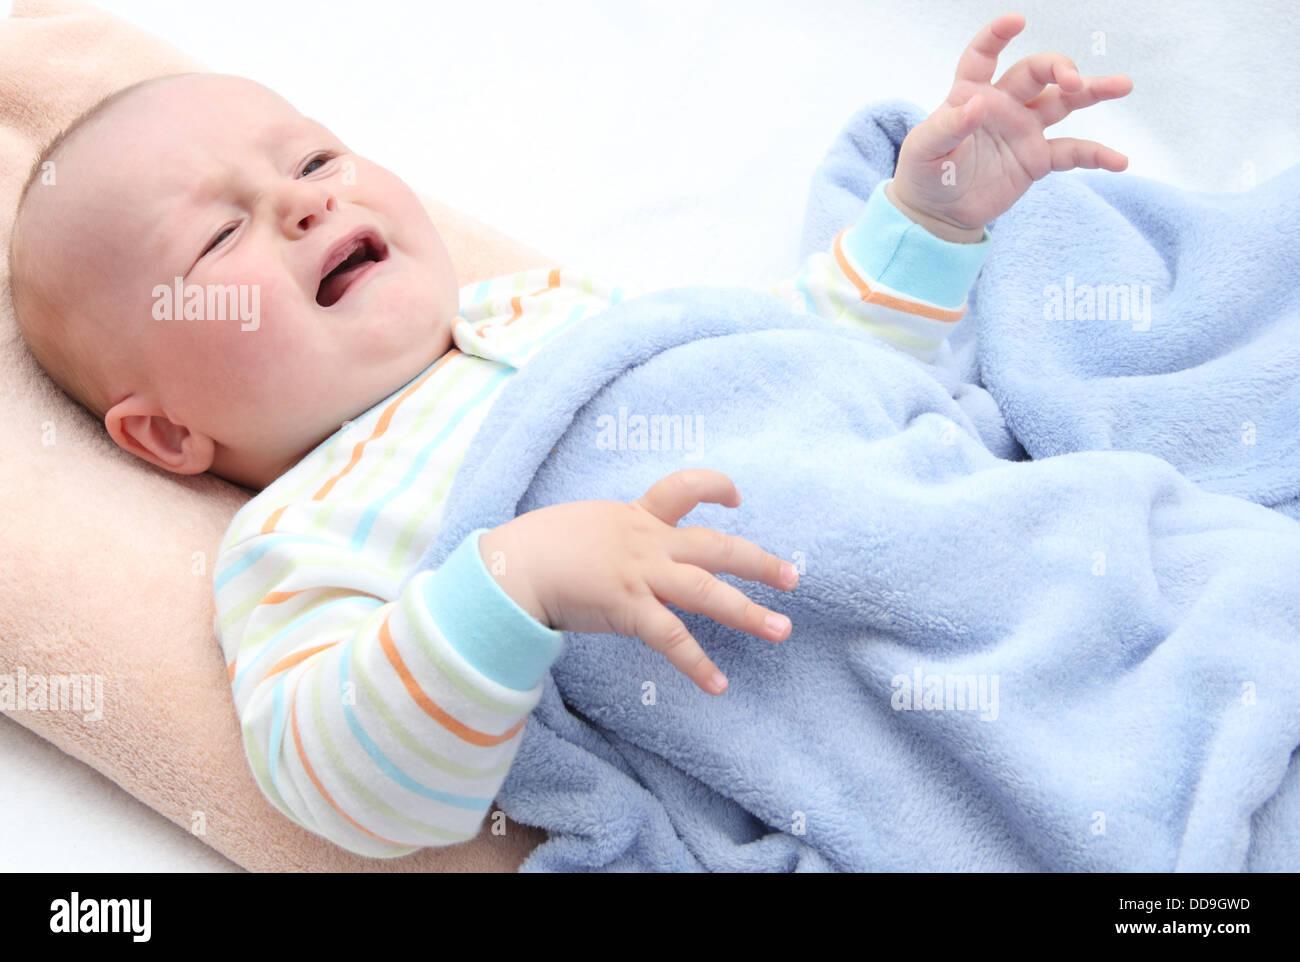 kleines baby im bett weinen stockfoto bild 59832457 alamy. Black Bedroom Furniture Sets. Home Design Ideas